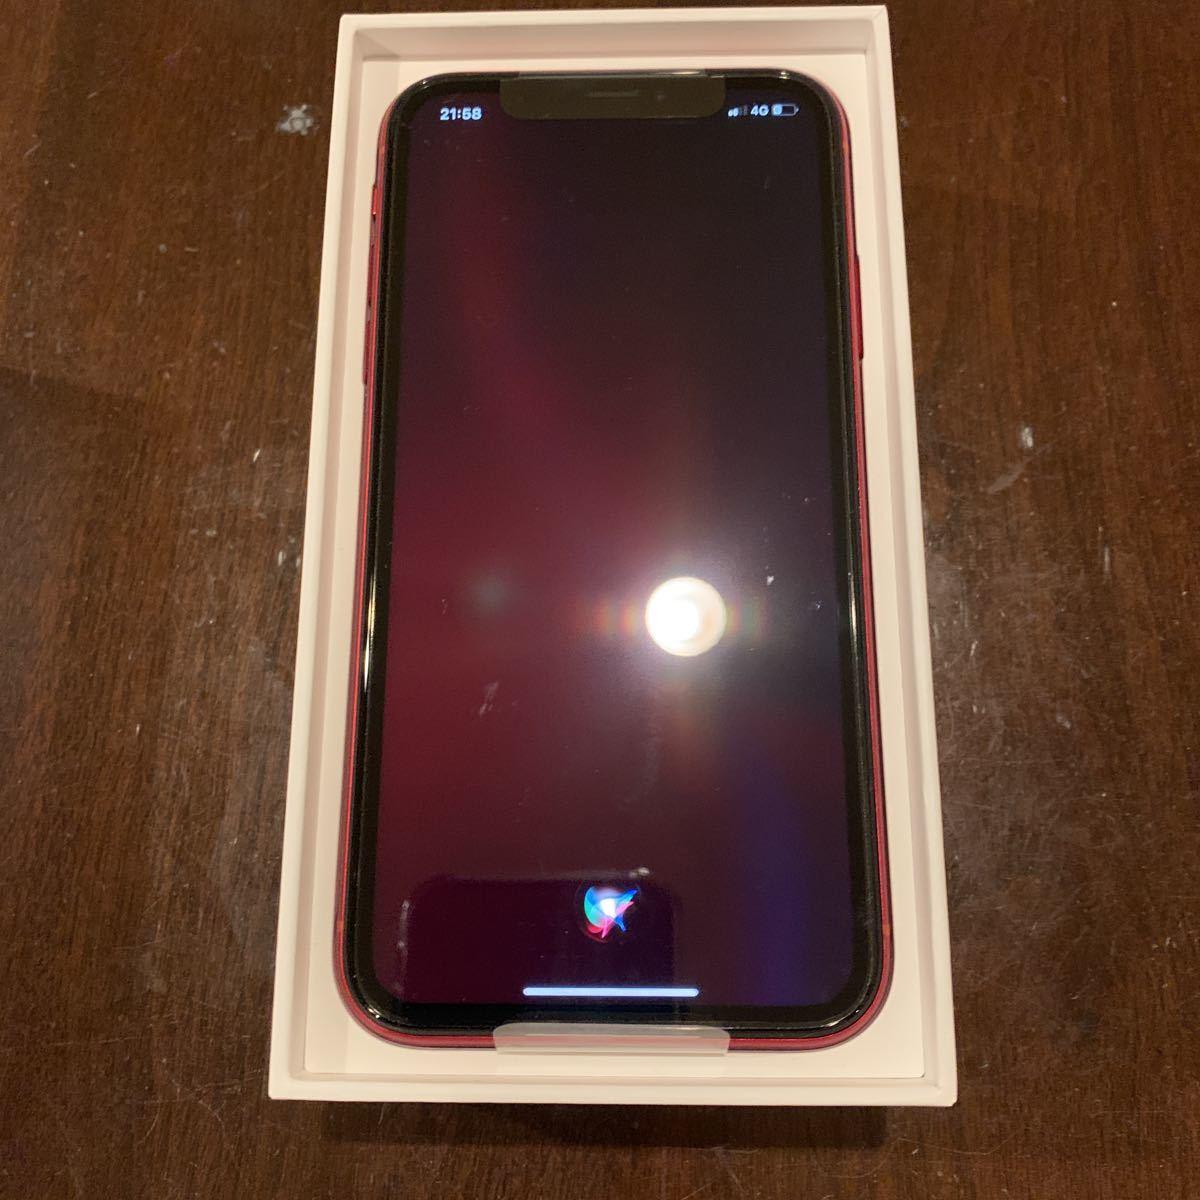 【新品】iPhone XR/SIMフリー/SIM Free/赤/プロダクトレッド/Product red/64GB / MT062 J/A / au 解除品【未使用】_画像4